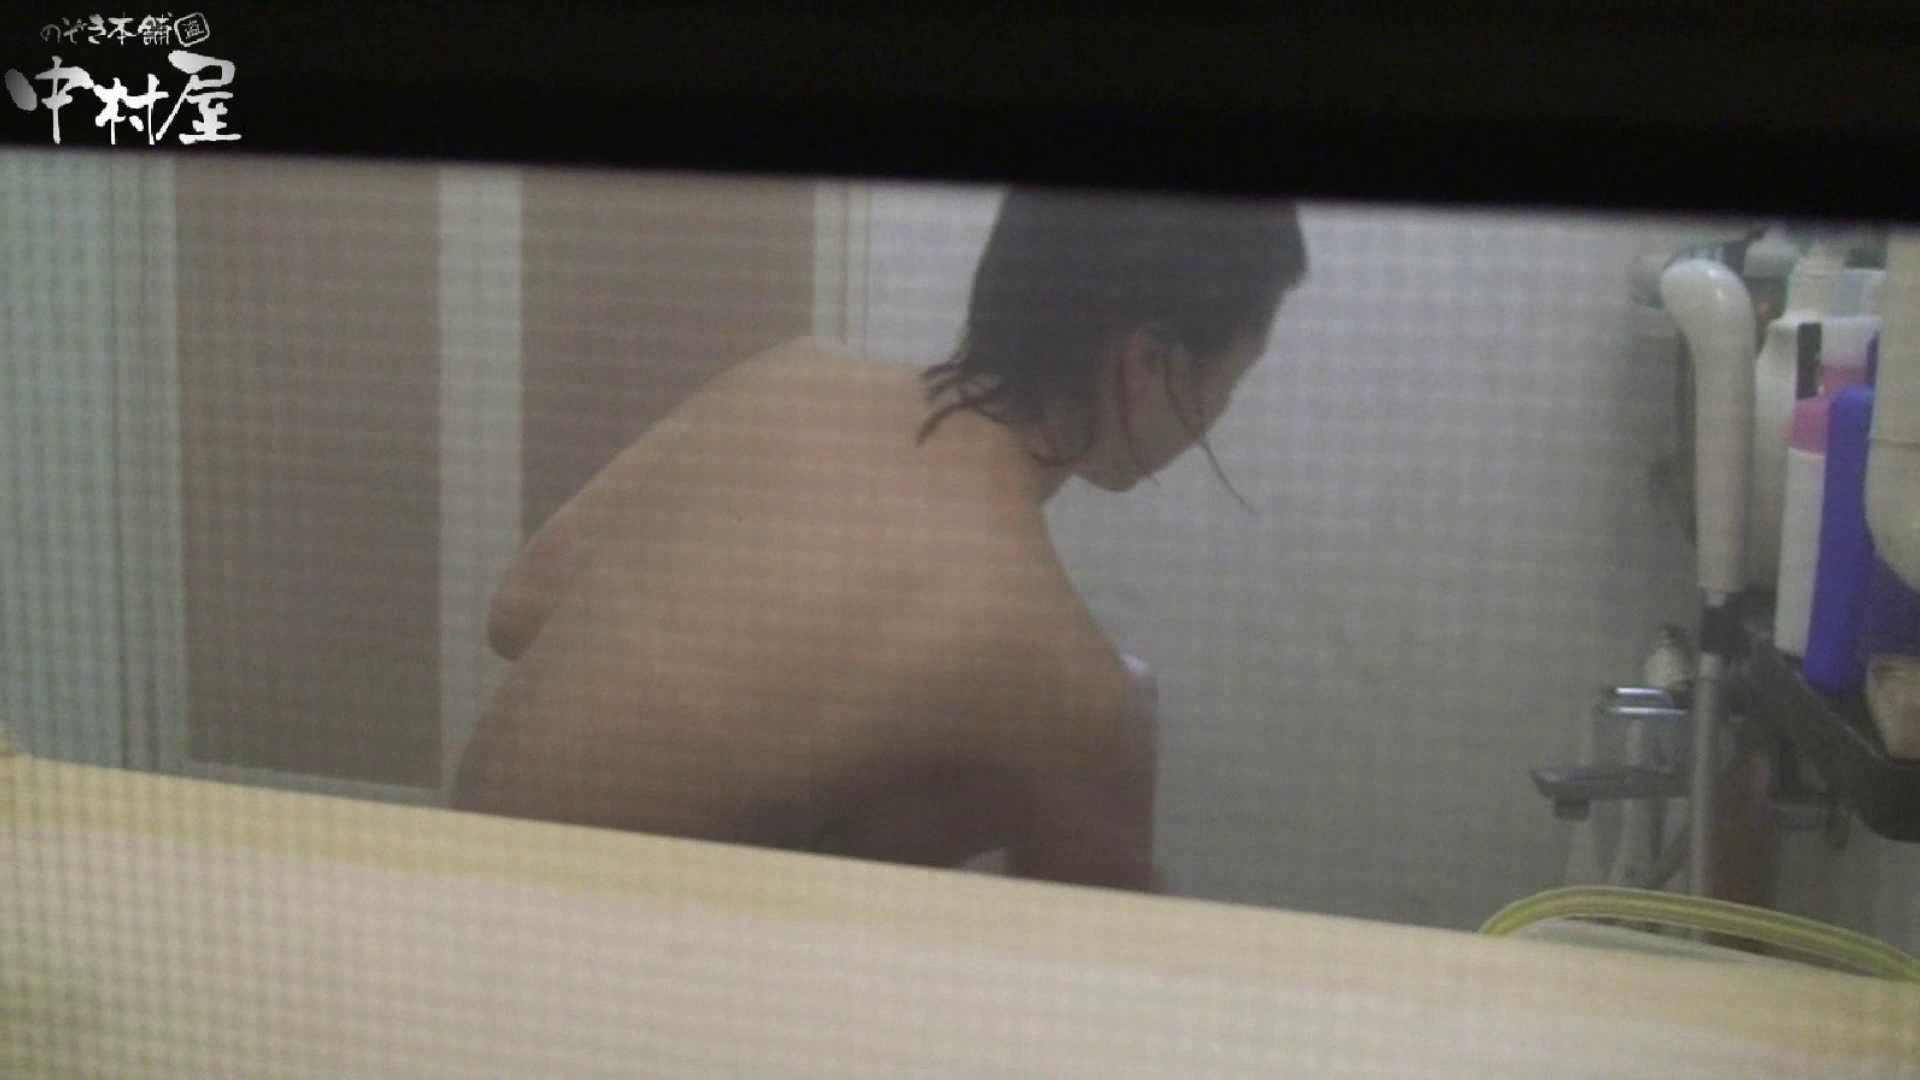 民家風呂専門盗撮師の超危険映像 vol.027 民家 | 美少女ヌード  49pic 26